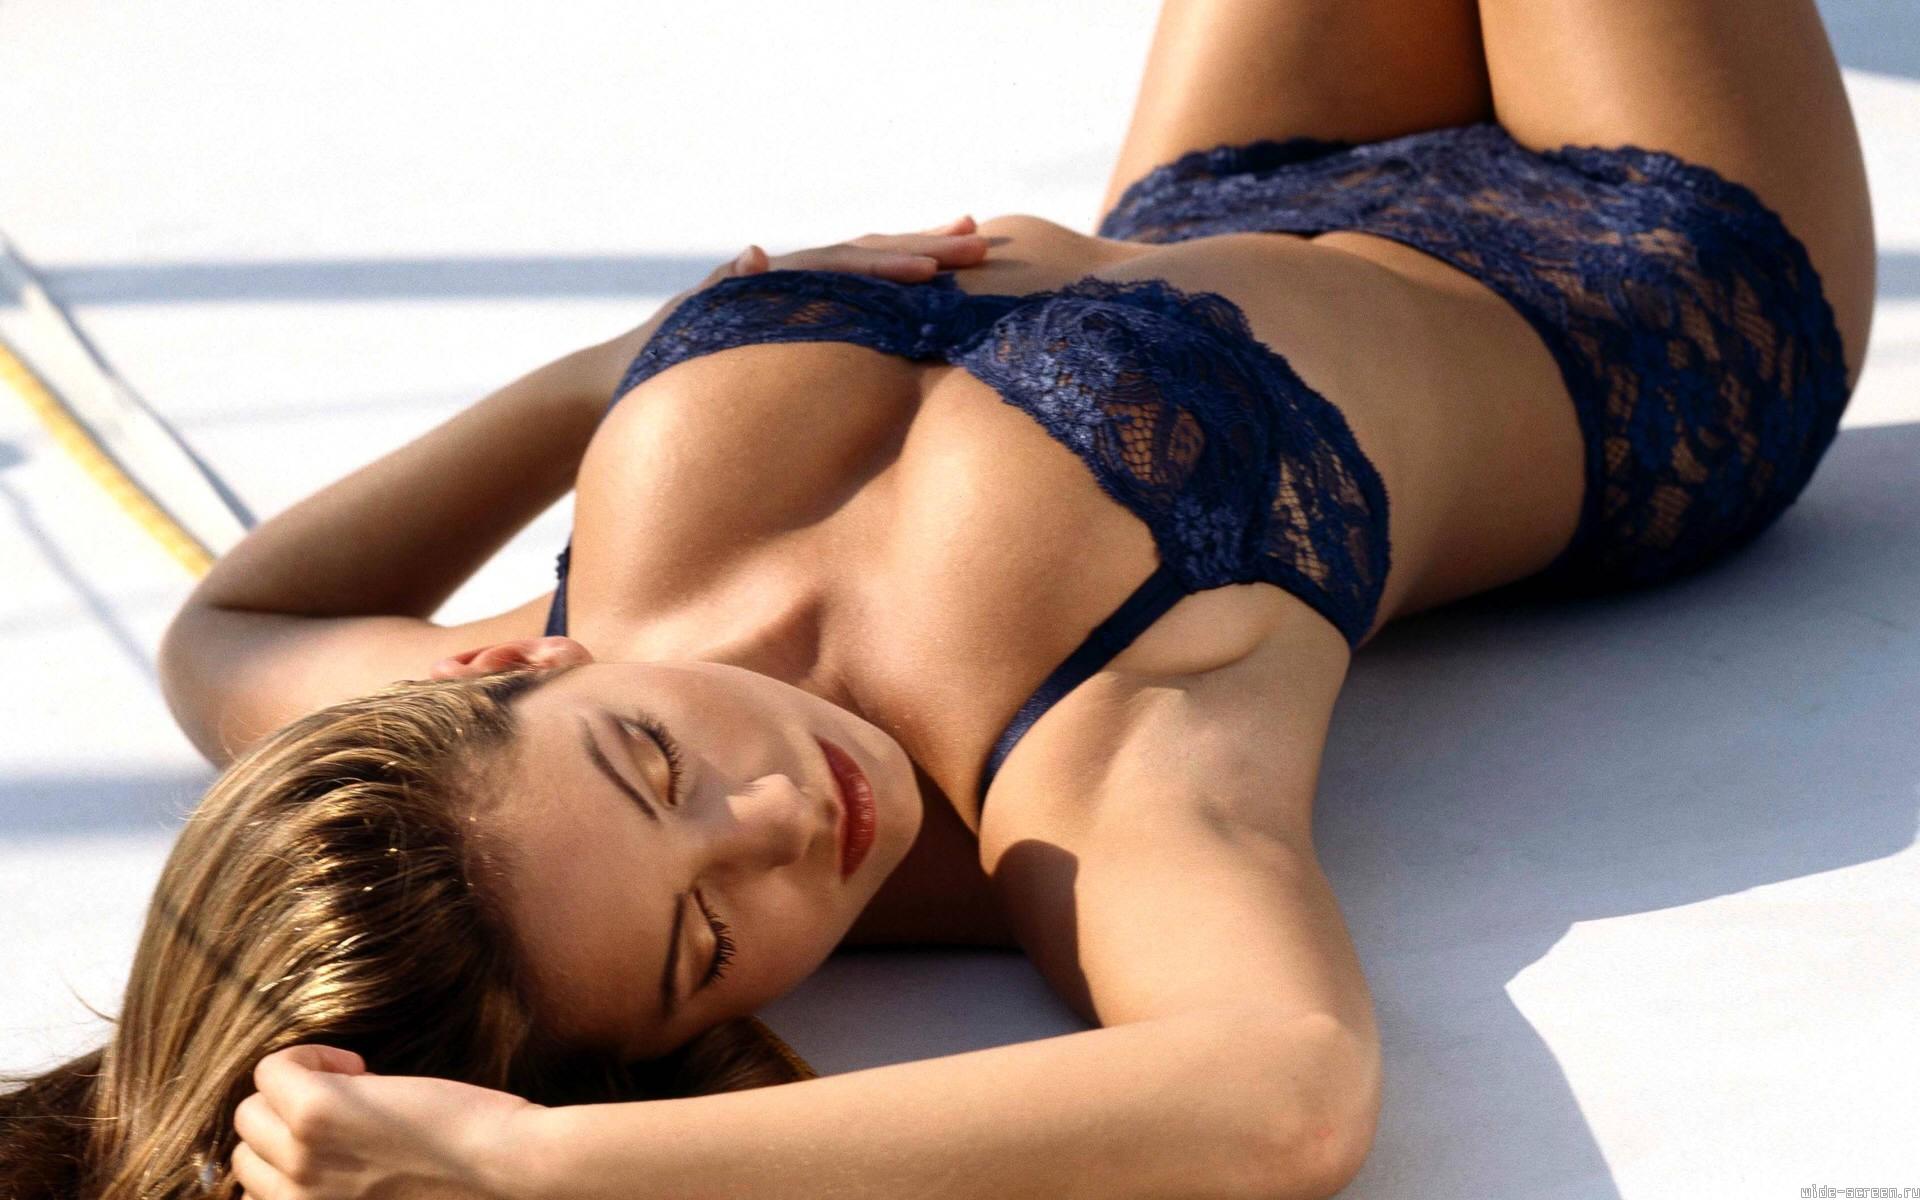 Фото тело женщины 3 фотография